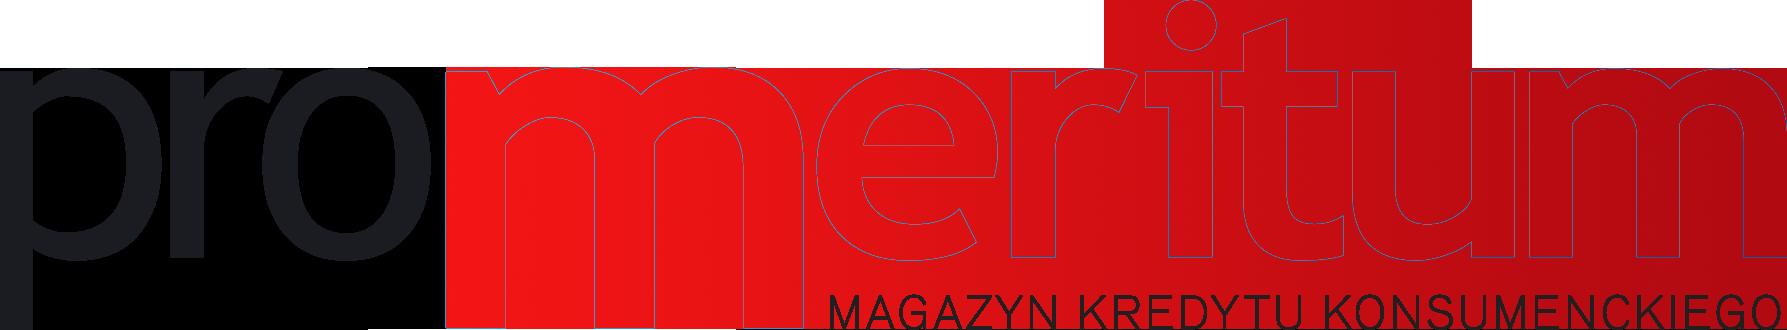 red logo czerwone.png